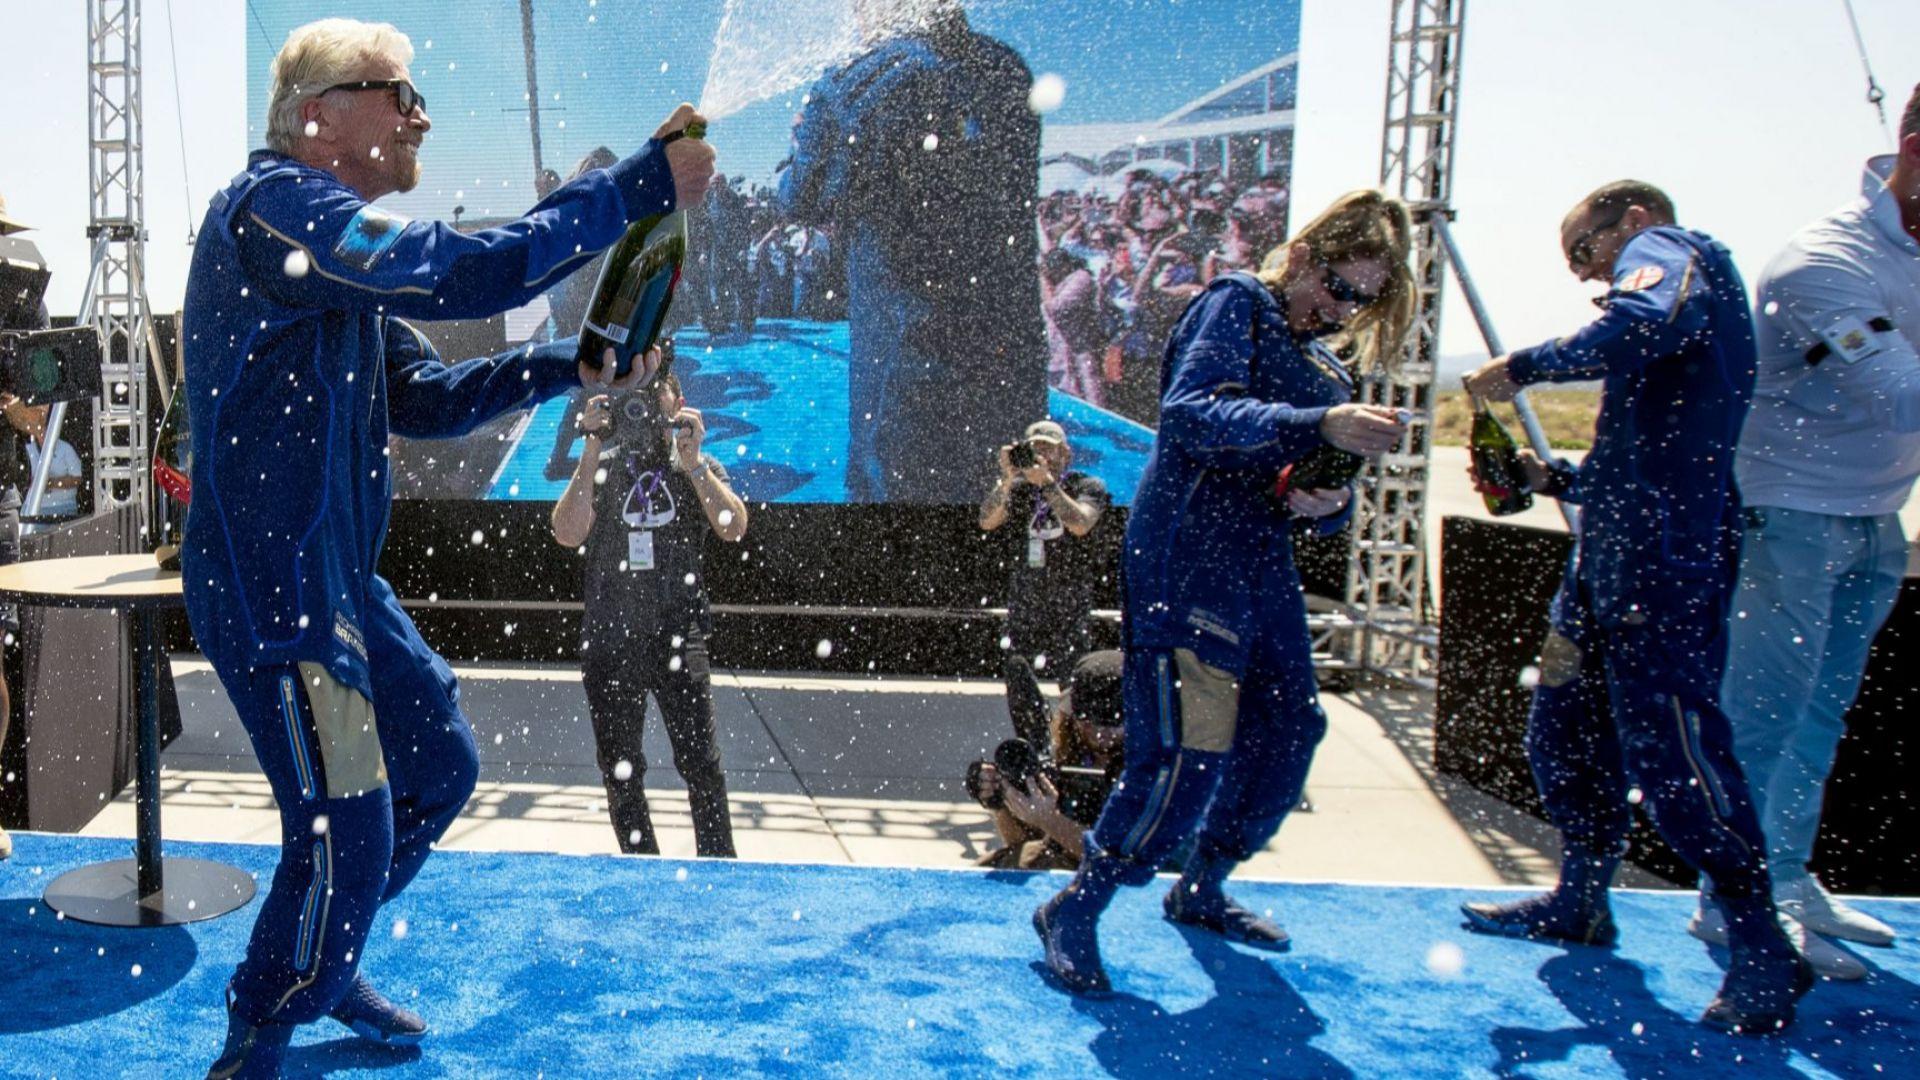 Ричард Брансън организира ефектно шоу в пустинята за полета си до космоса